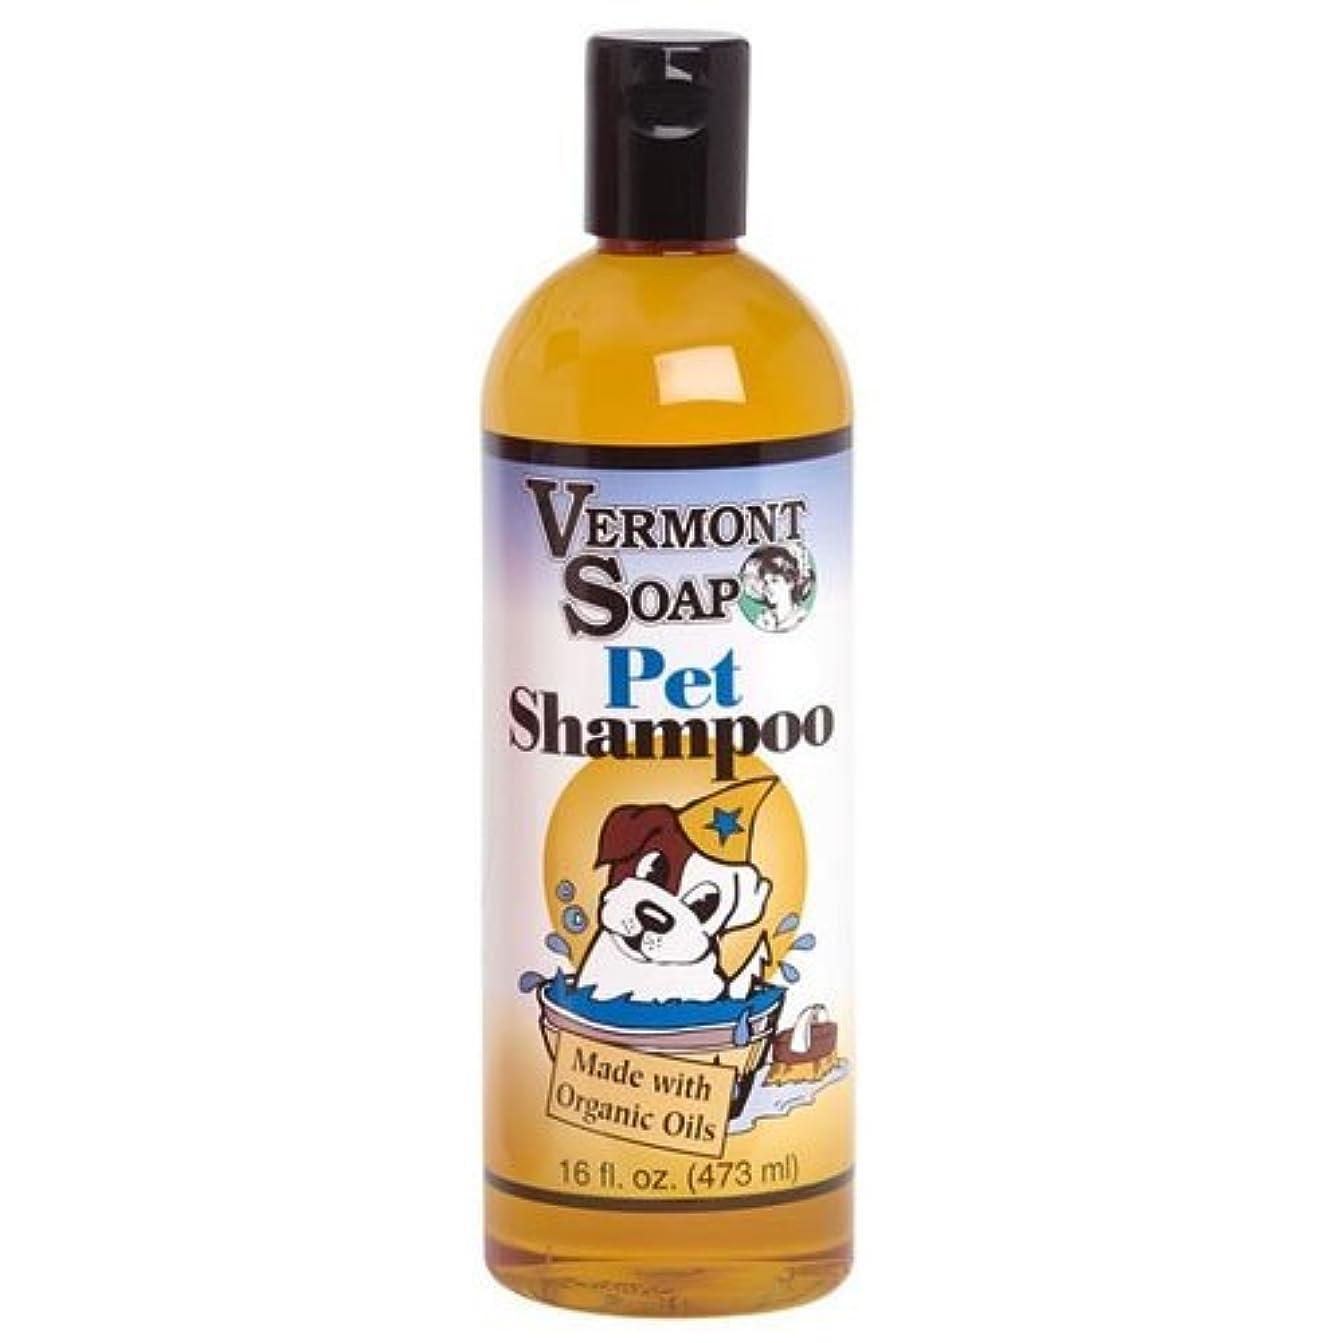 実験的ラッドヤードキップリング焦がすバーモントソープ オーガニック ペットシャンプー Pet Shampoo